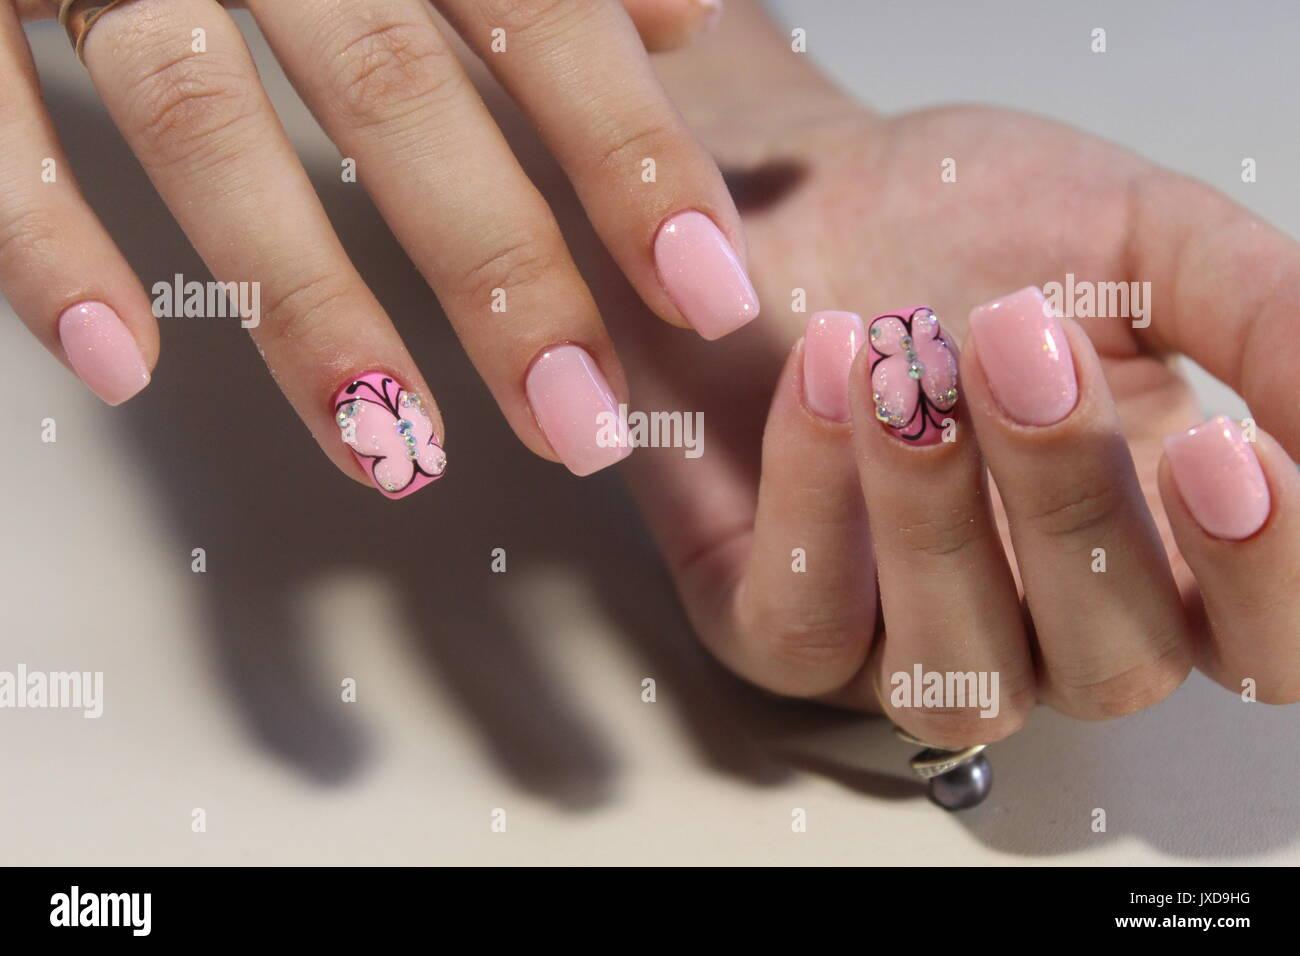 Diseño de uñas de manicura para chicas hermosas, verano 2017 Fotografía de  stock - Alamy